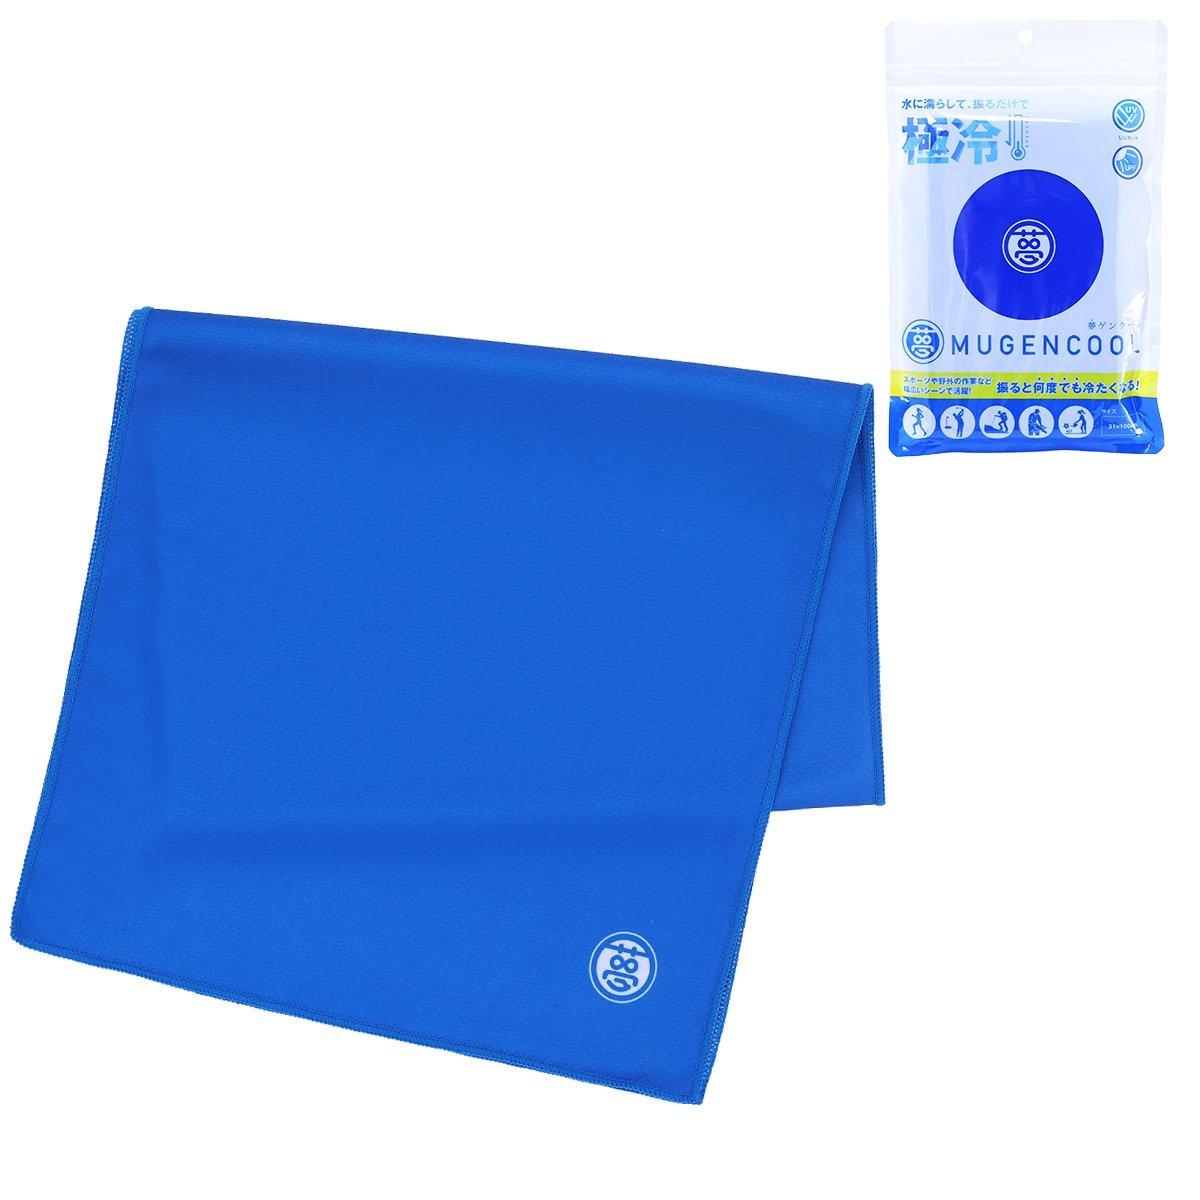 冷却タオルのおすすめ9選!接触冷感タオルも